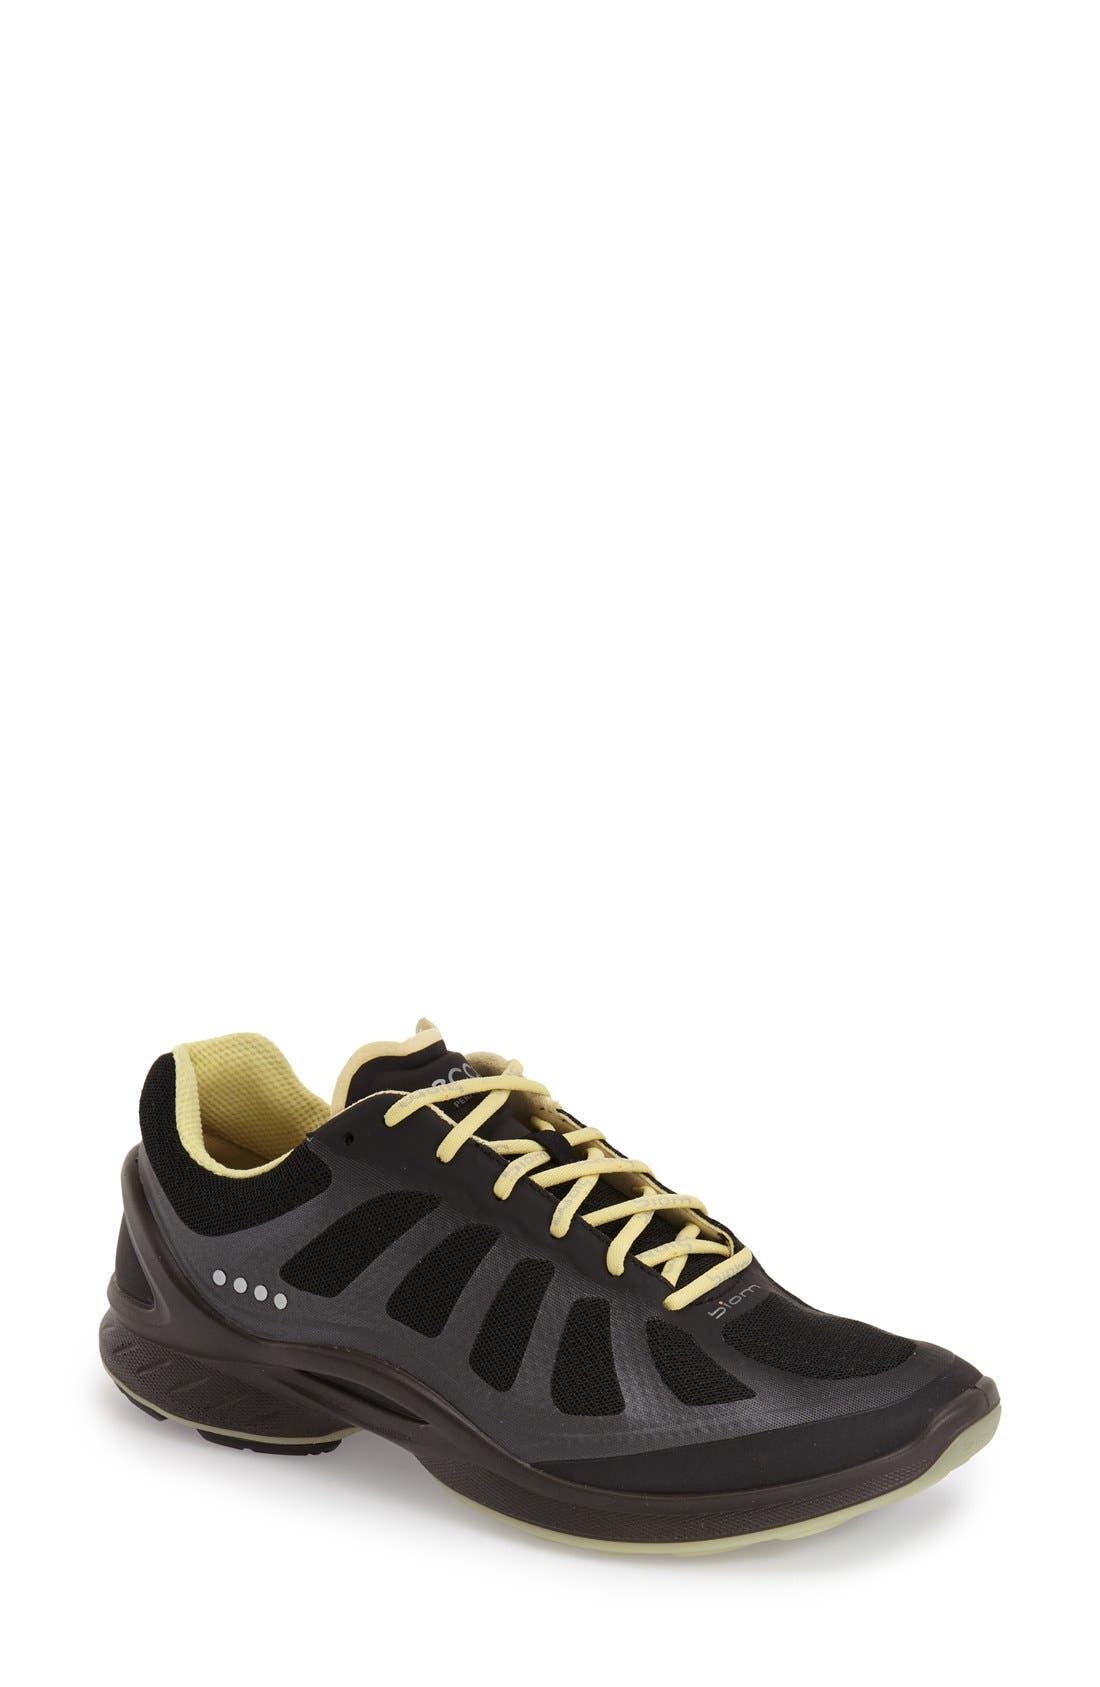 ECCO 'BIOM Fjuel Racer' Sneaker, Main, color, 017